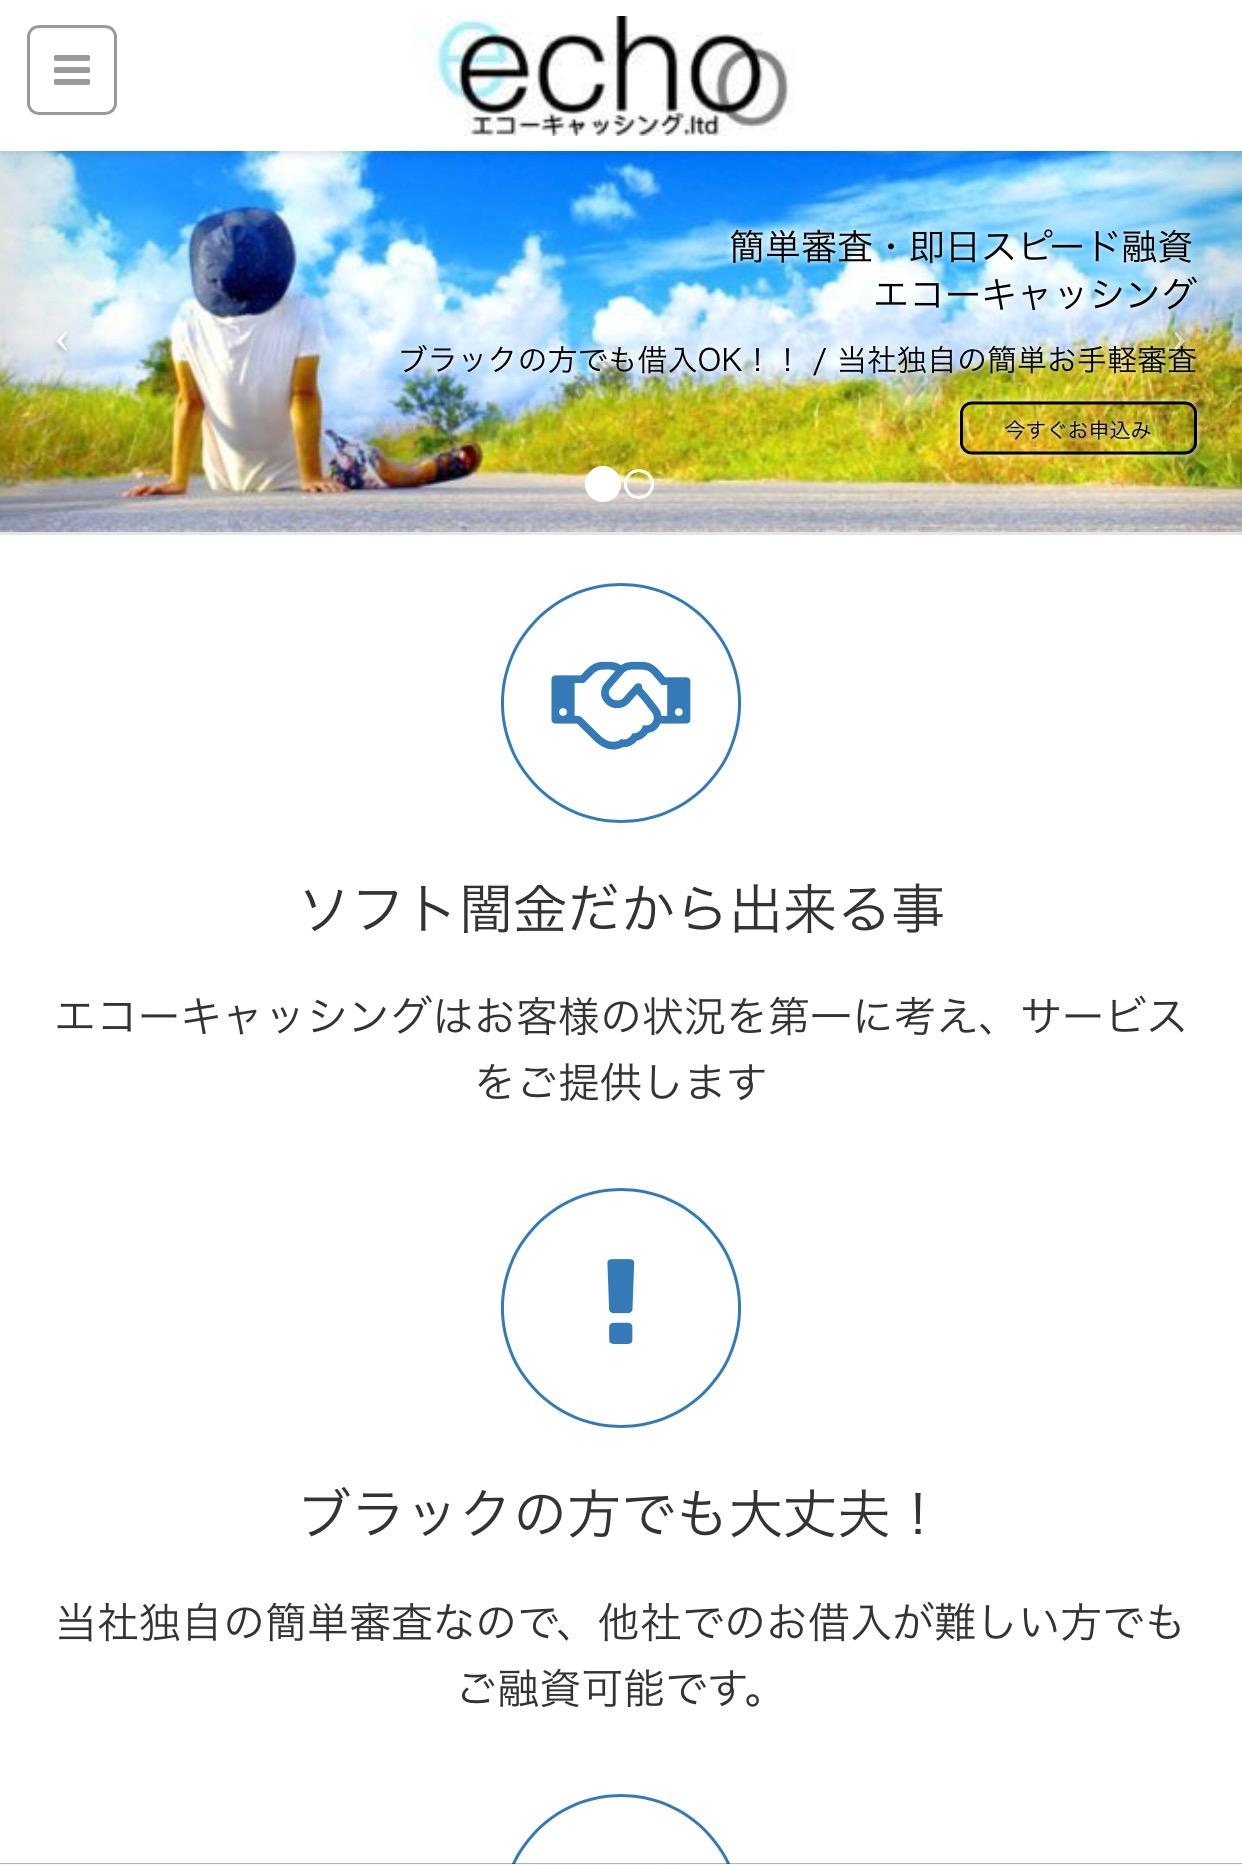 ソフト闇金エコーキャッシングのサイト画像